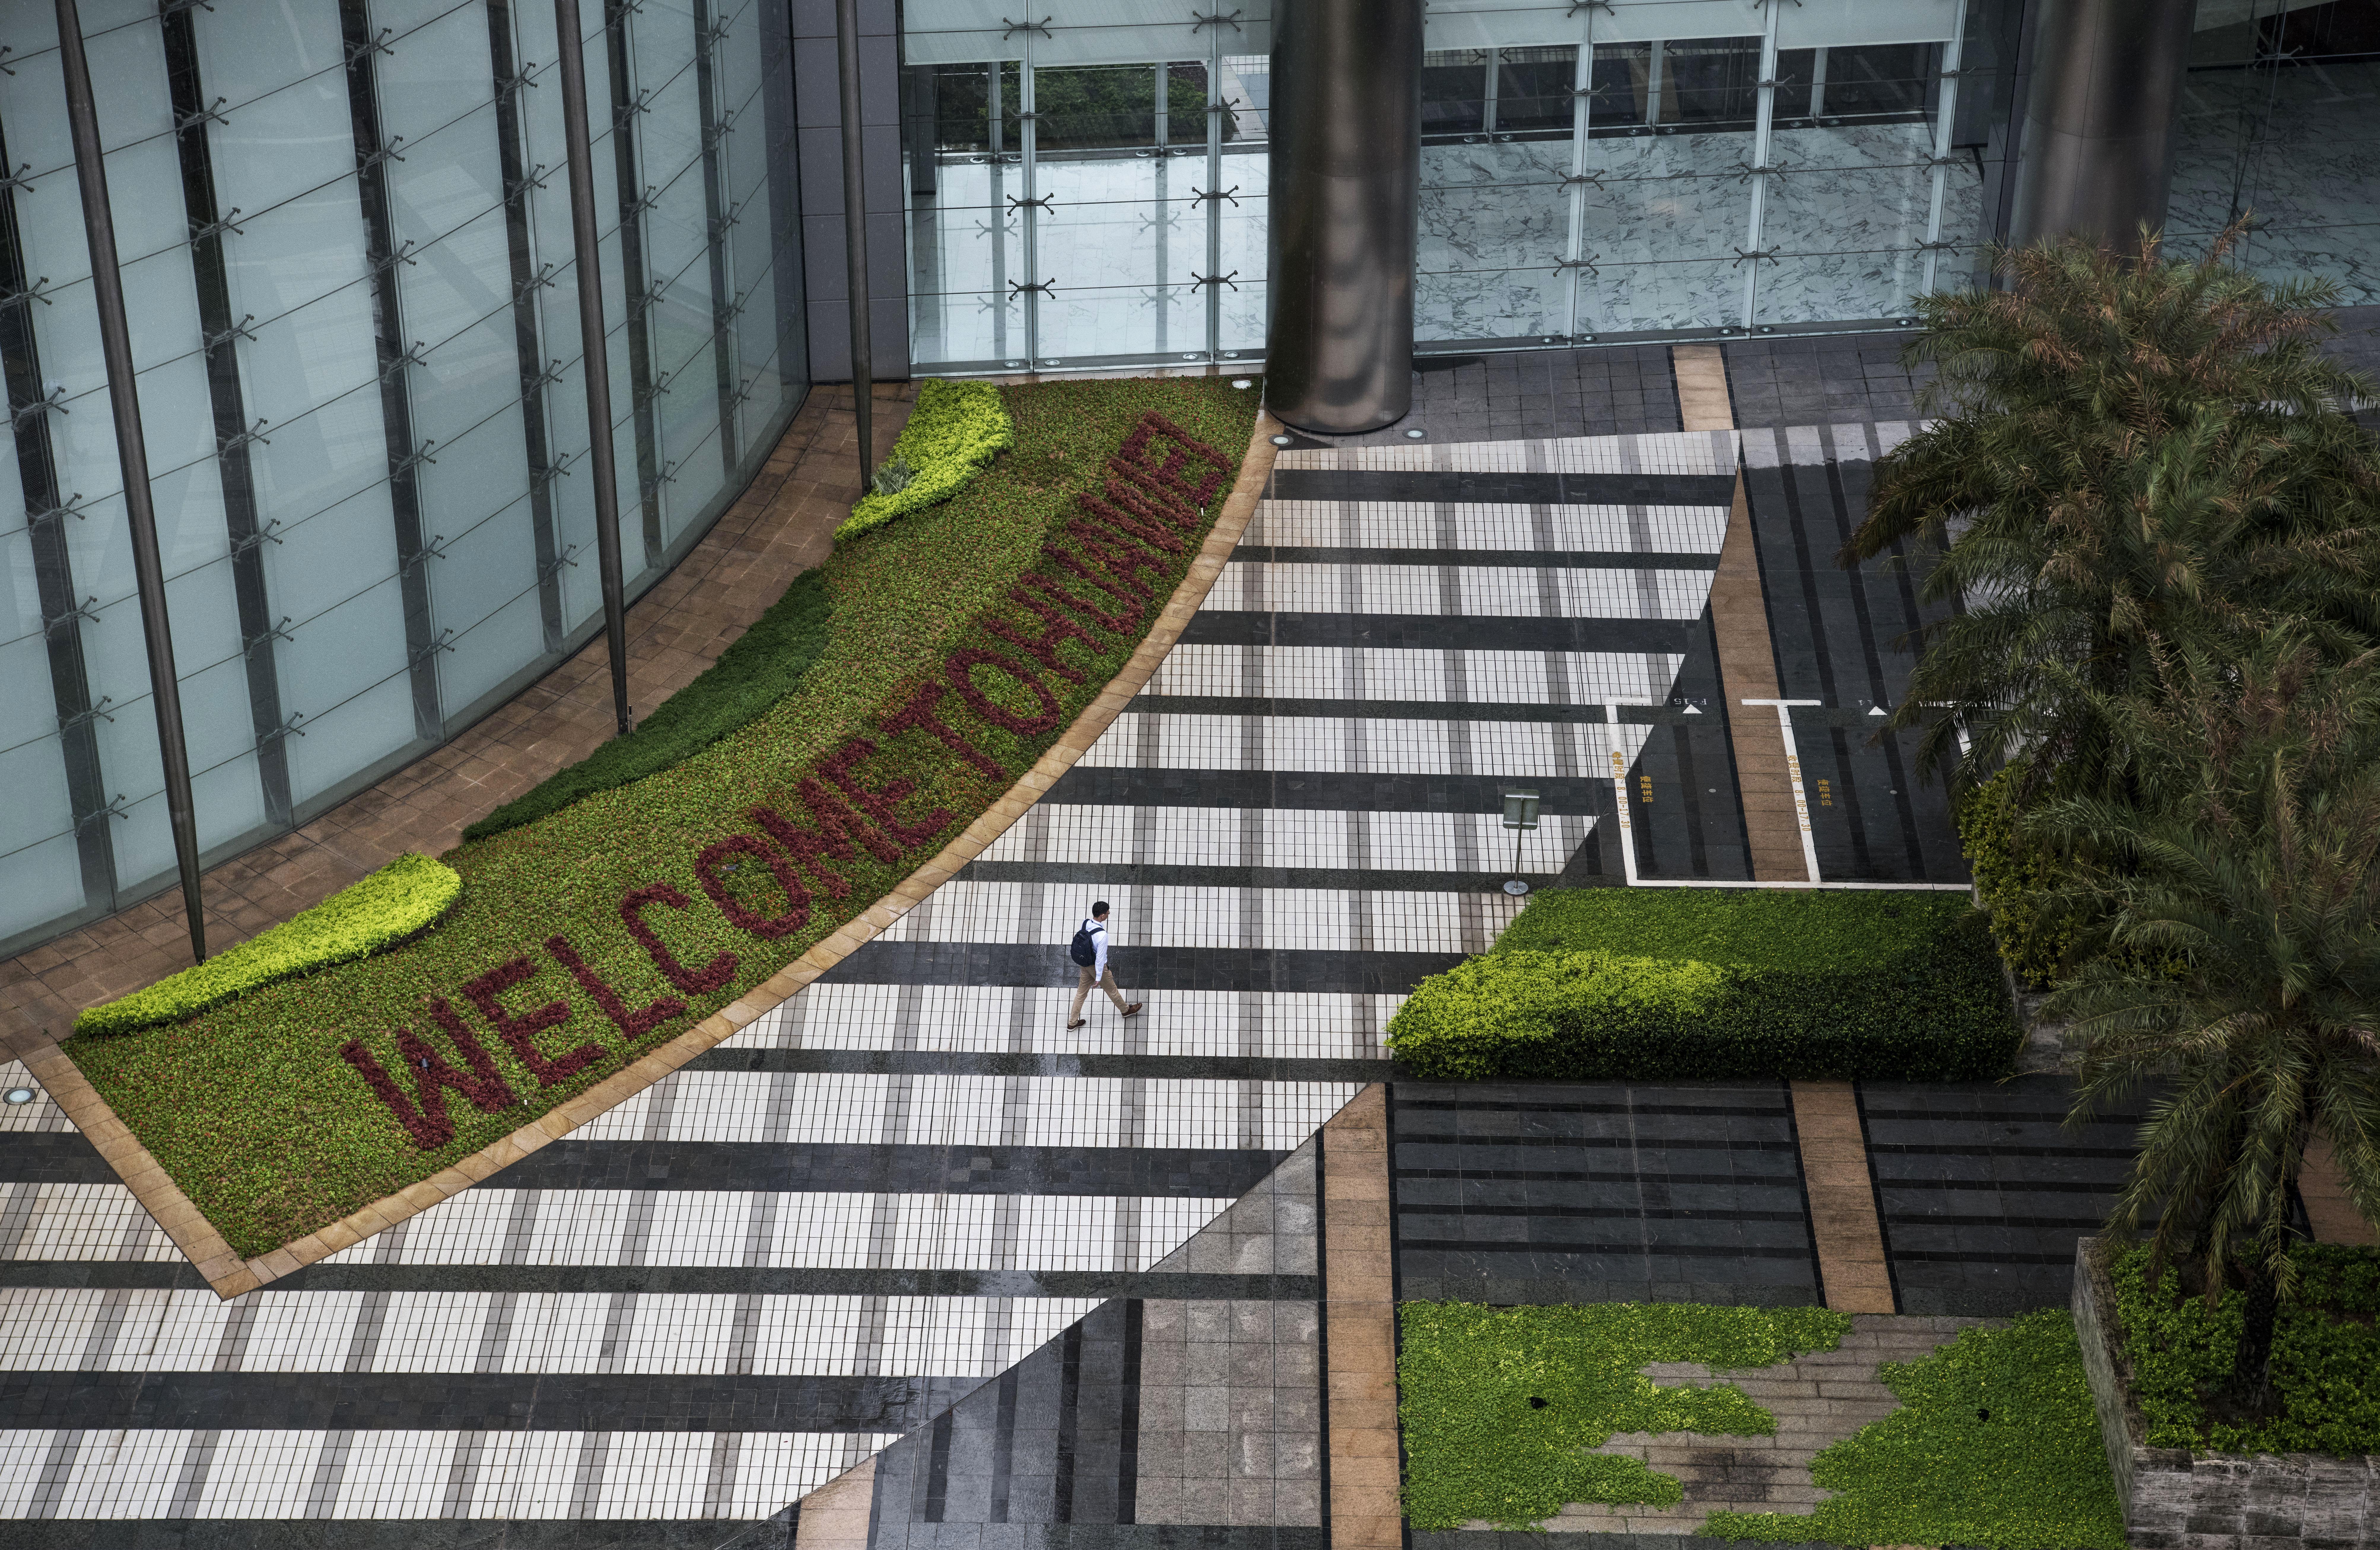 中國電訊巨頭華為曾於2月在《華爾街日報》刊登整版廣告,廣邀美國媒體前往華為深圳總部參觀,最後美國一家總部位於紐約的網絡媒體副新聞自費前往,用鏡頭近距離揭開華為的面紗。(Kevin Frayer/Getty Images)